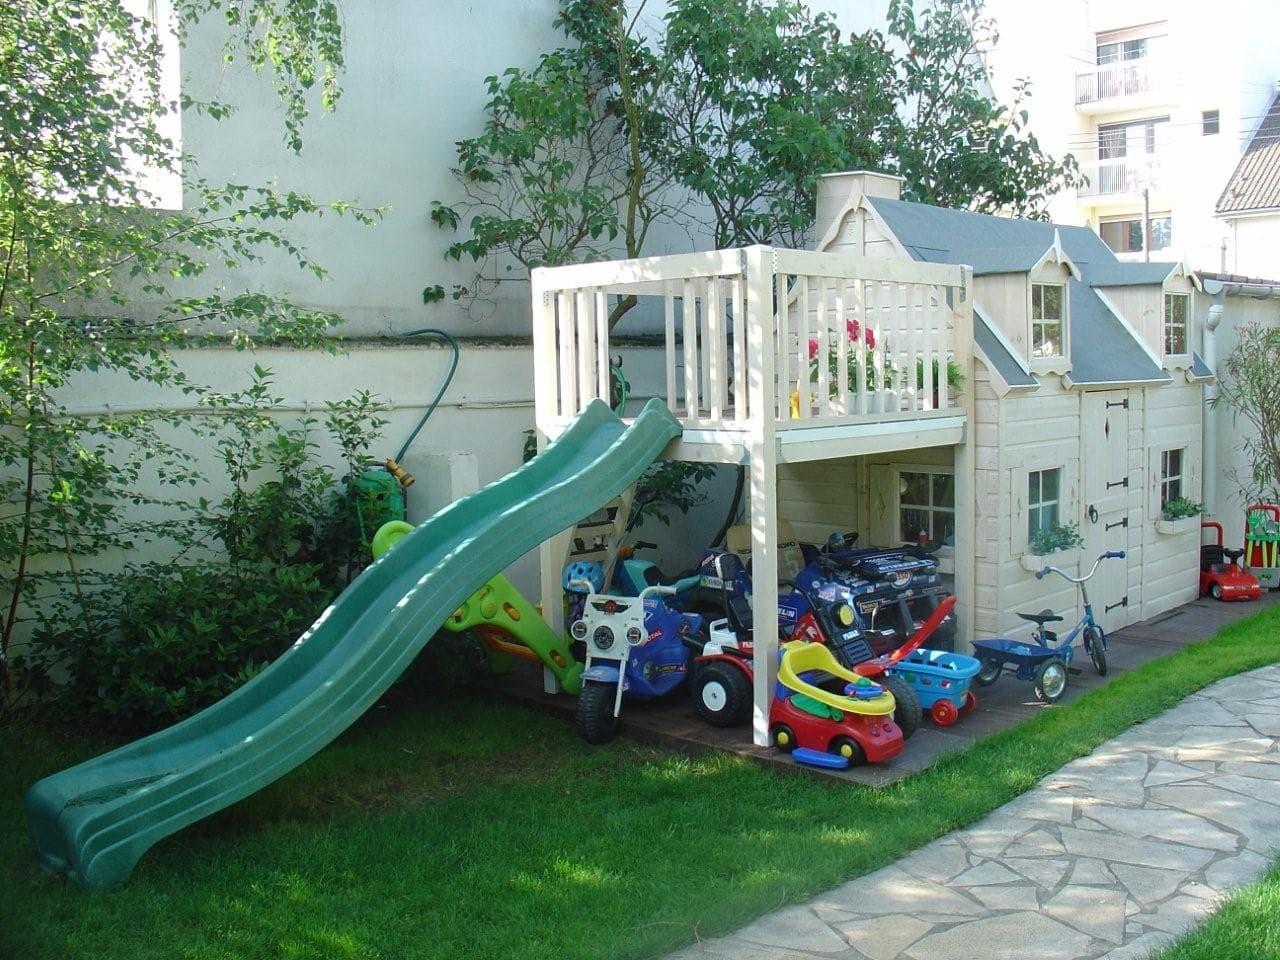 travaux-amenagement-jardin-6-decaissement-graviers-ferraillage -coulage-d'une-dalle-en-beton-texas-batiment-rge-min